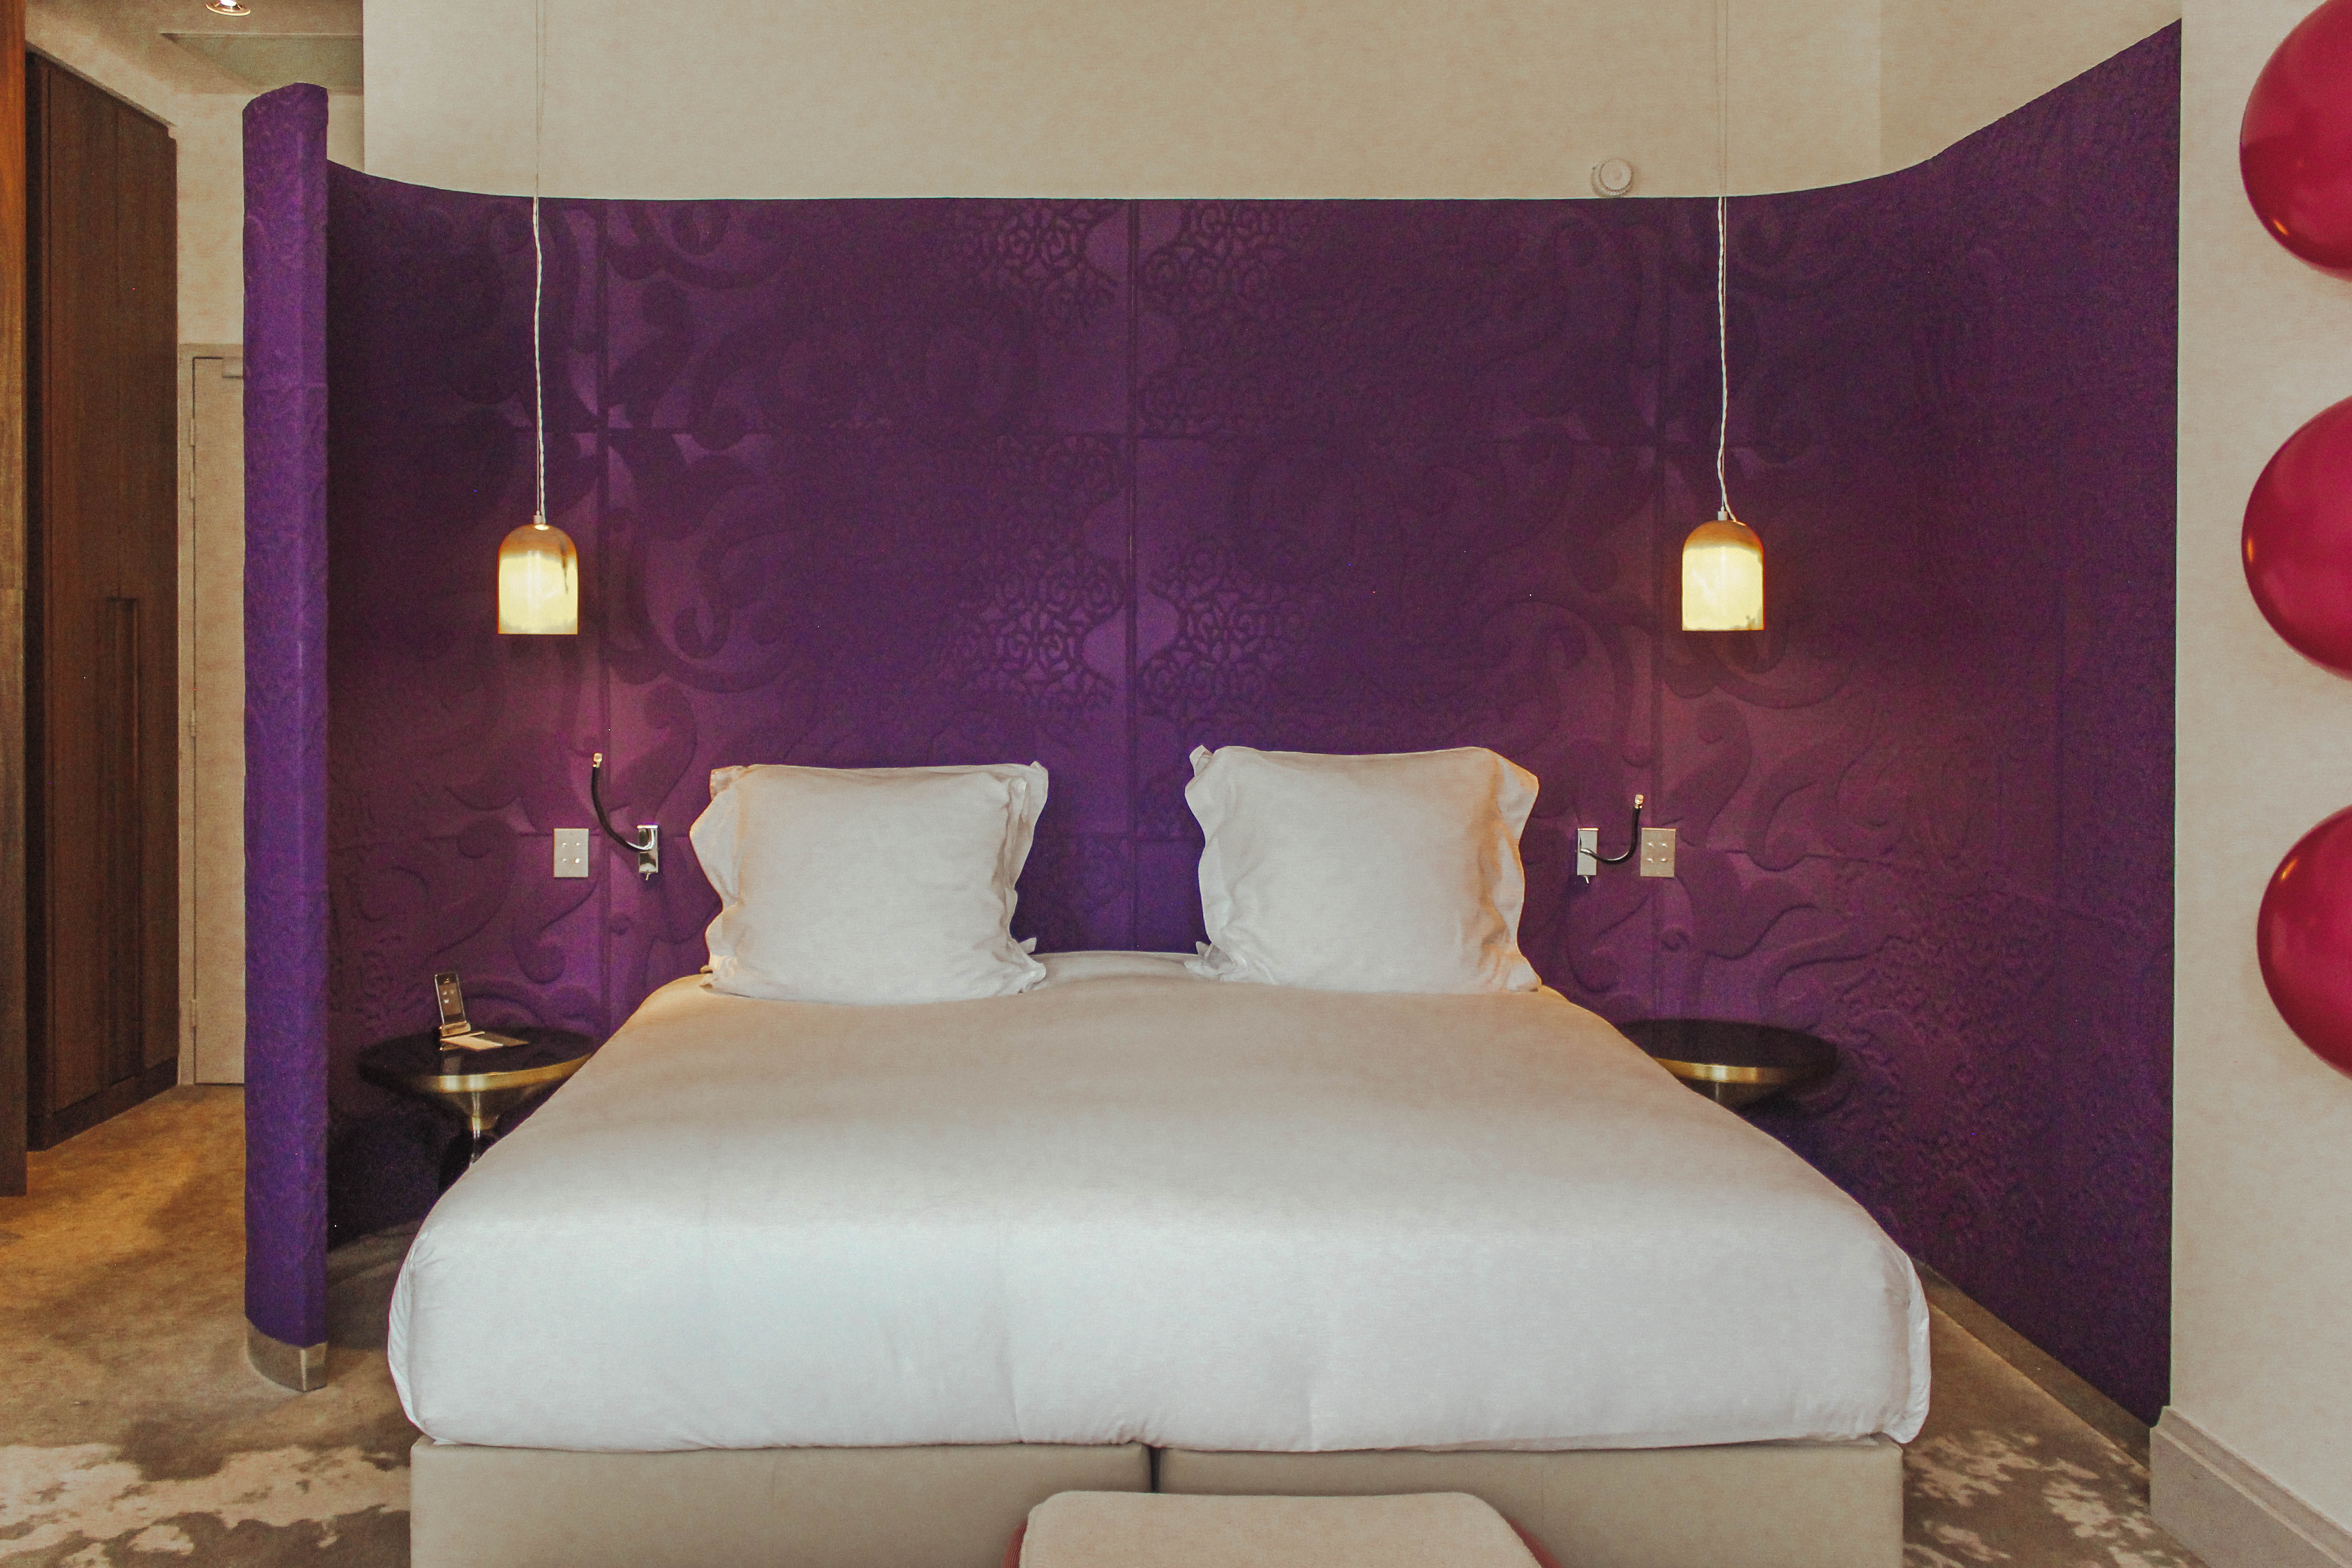 yndo hotel bordeaux few days in